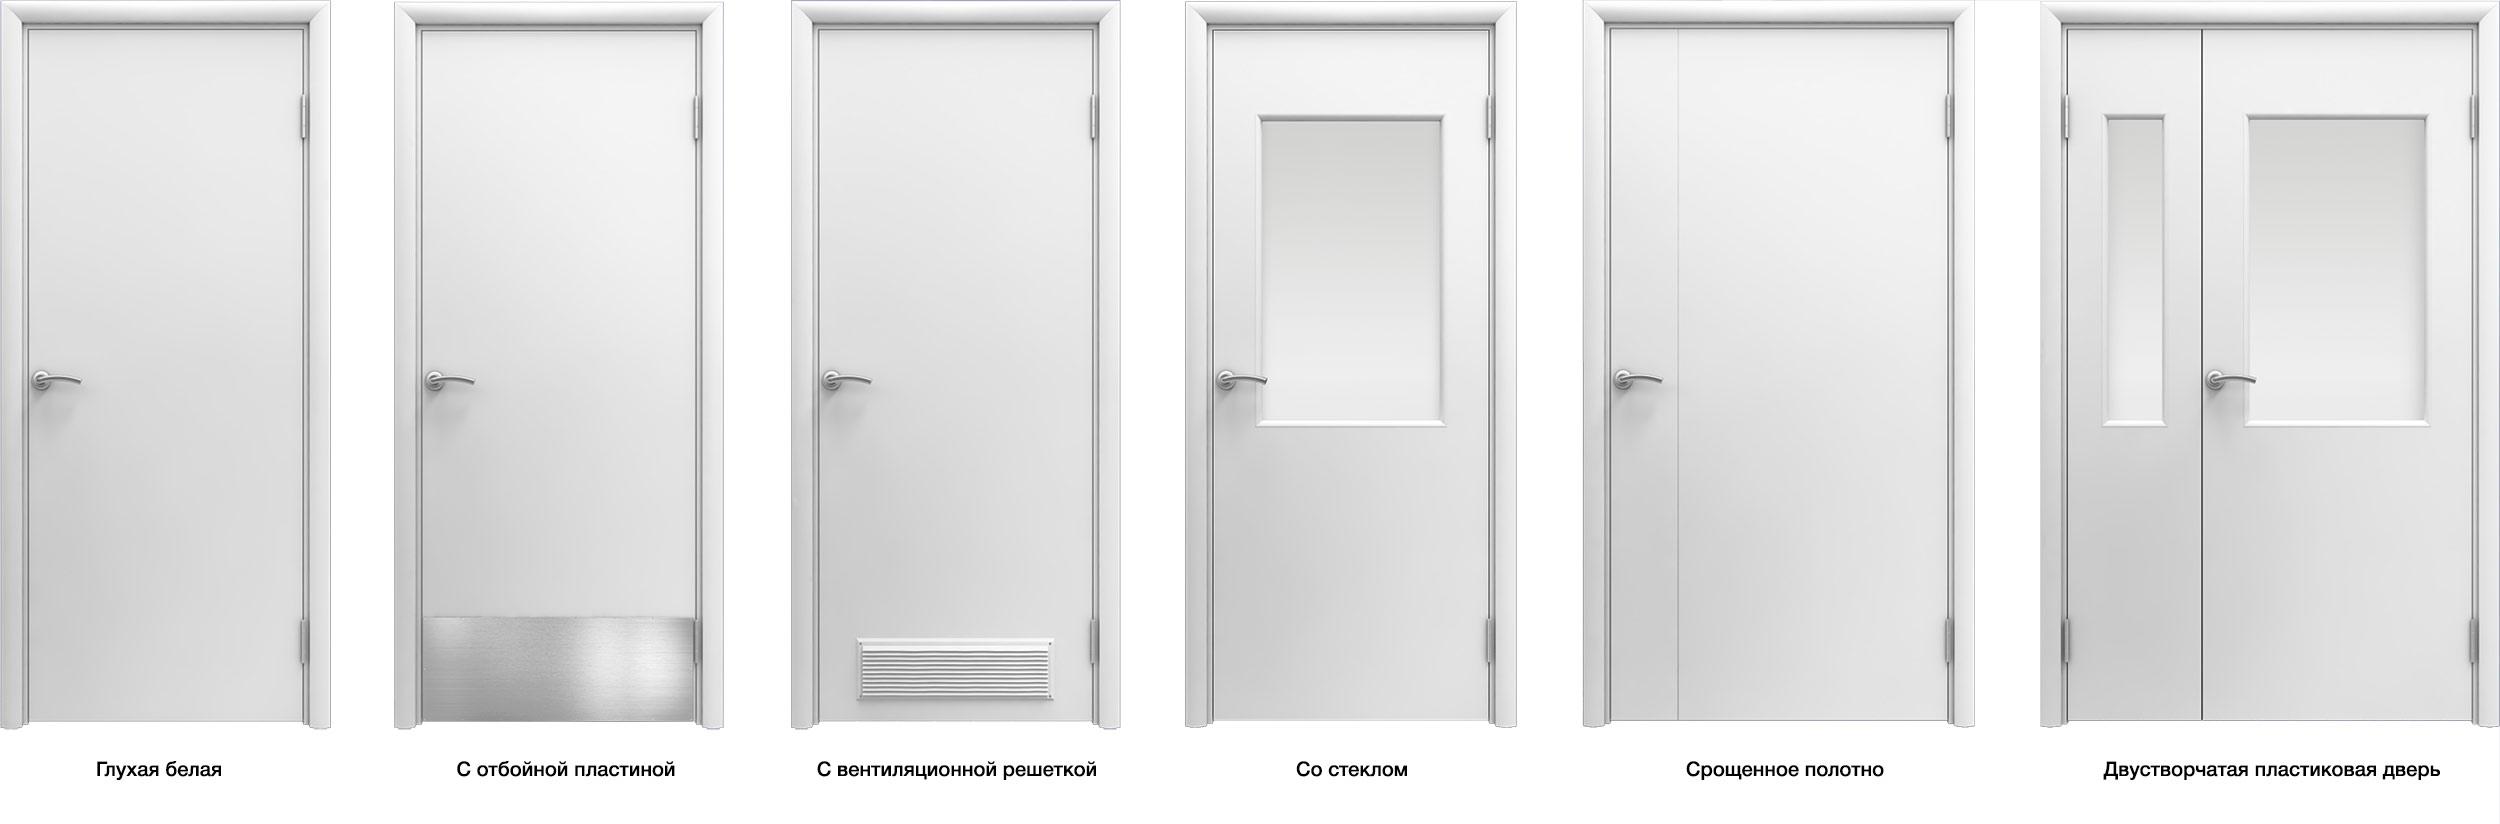 Конструкции пластиковых дверей